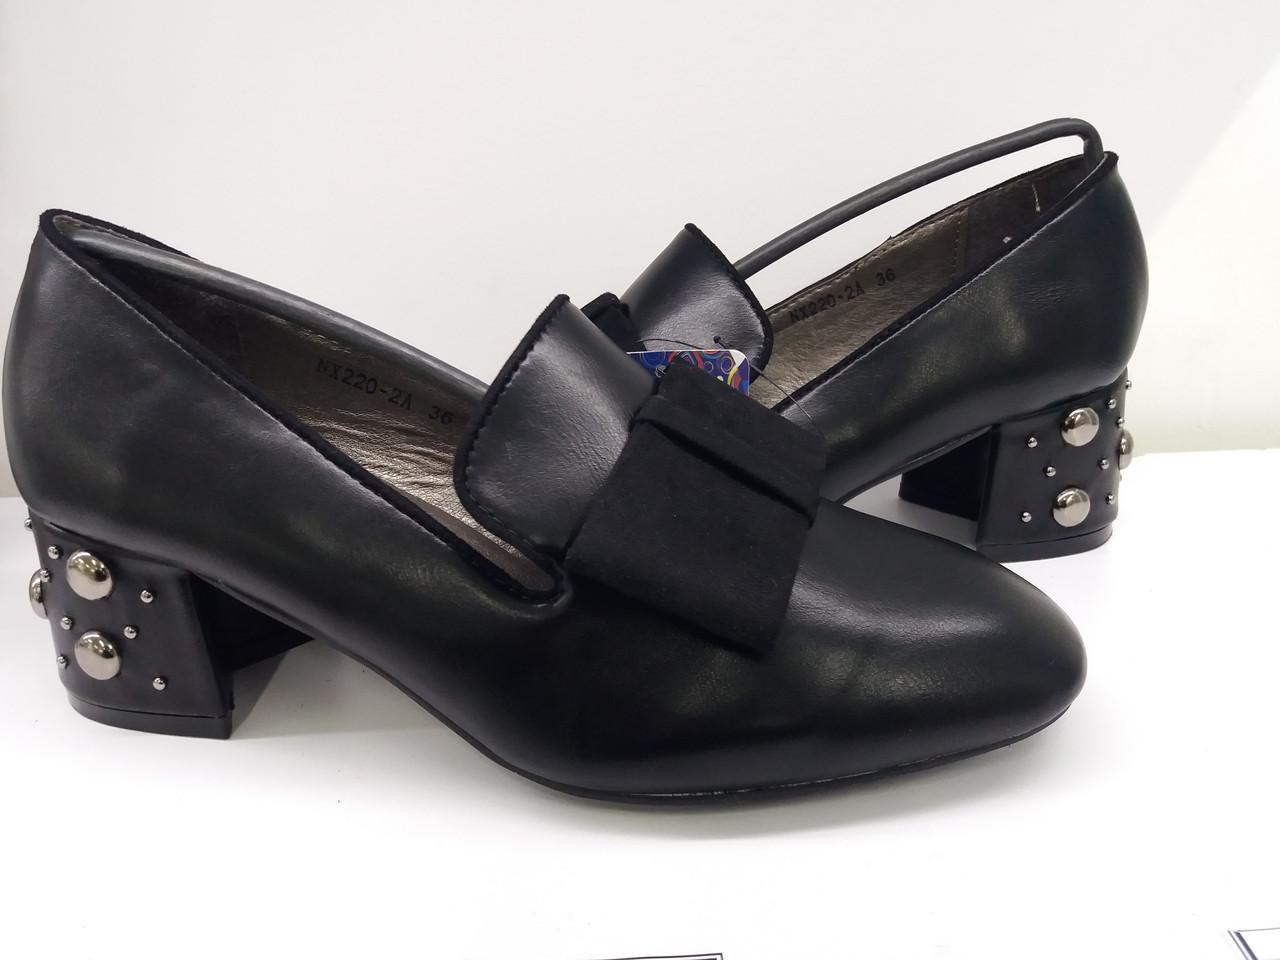 75c59ae2a Стильные женские туфли-лоферы.Натуральная кожа Весна лето.Черный цвет.  Каблучок 6